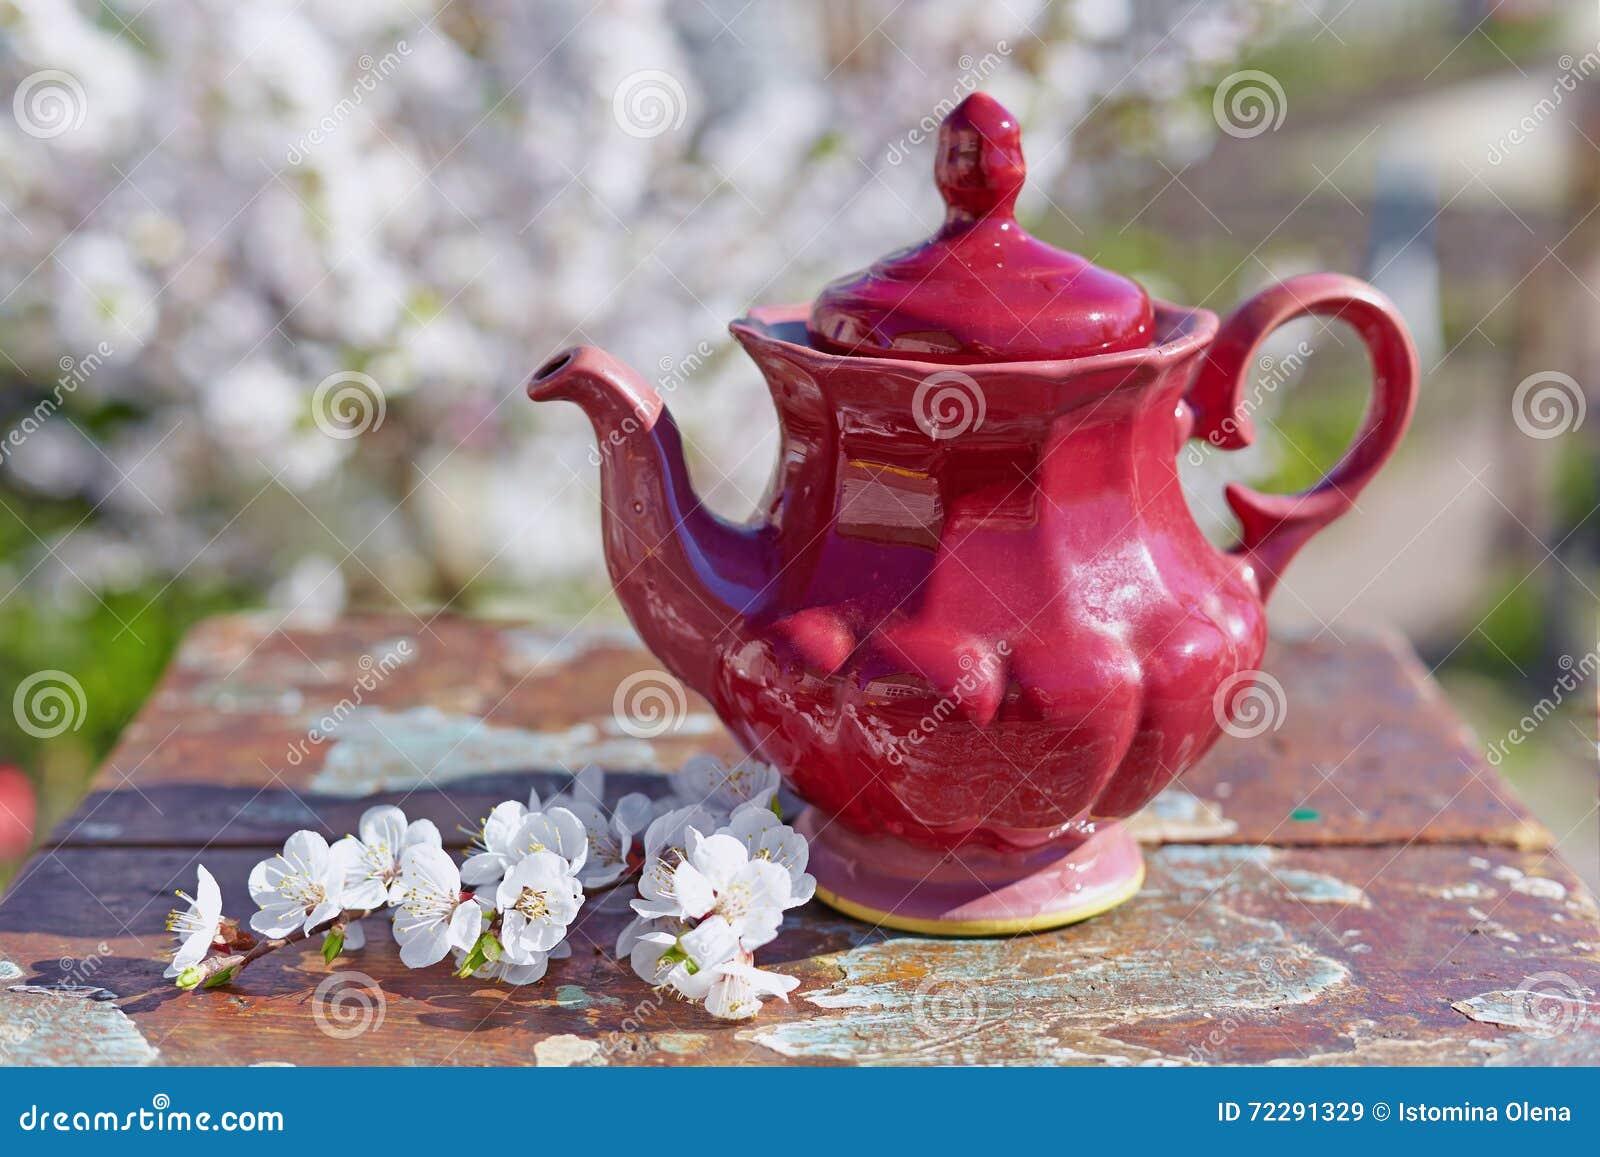 Download Старый чайник на деревянном столе Стоковое Изображение - изображение насчитывающей чашка, принадлежности: 72291329